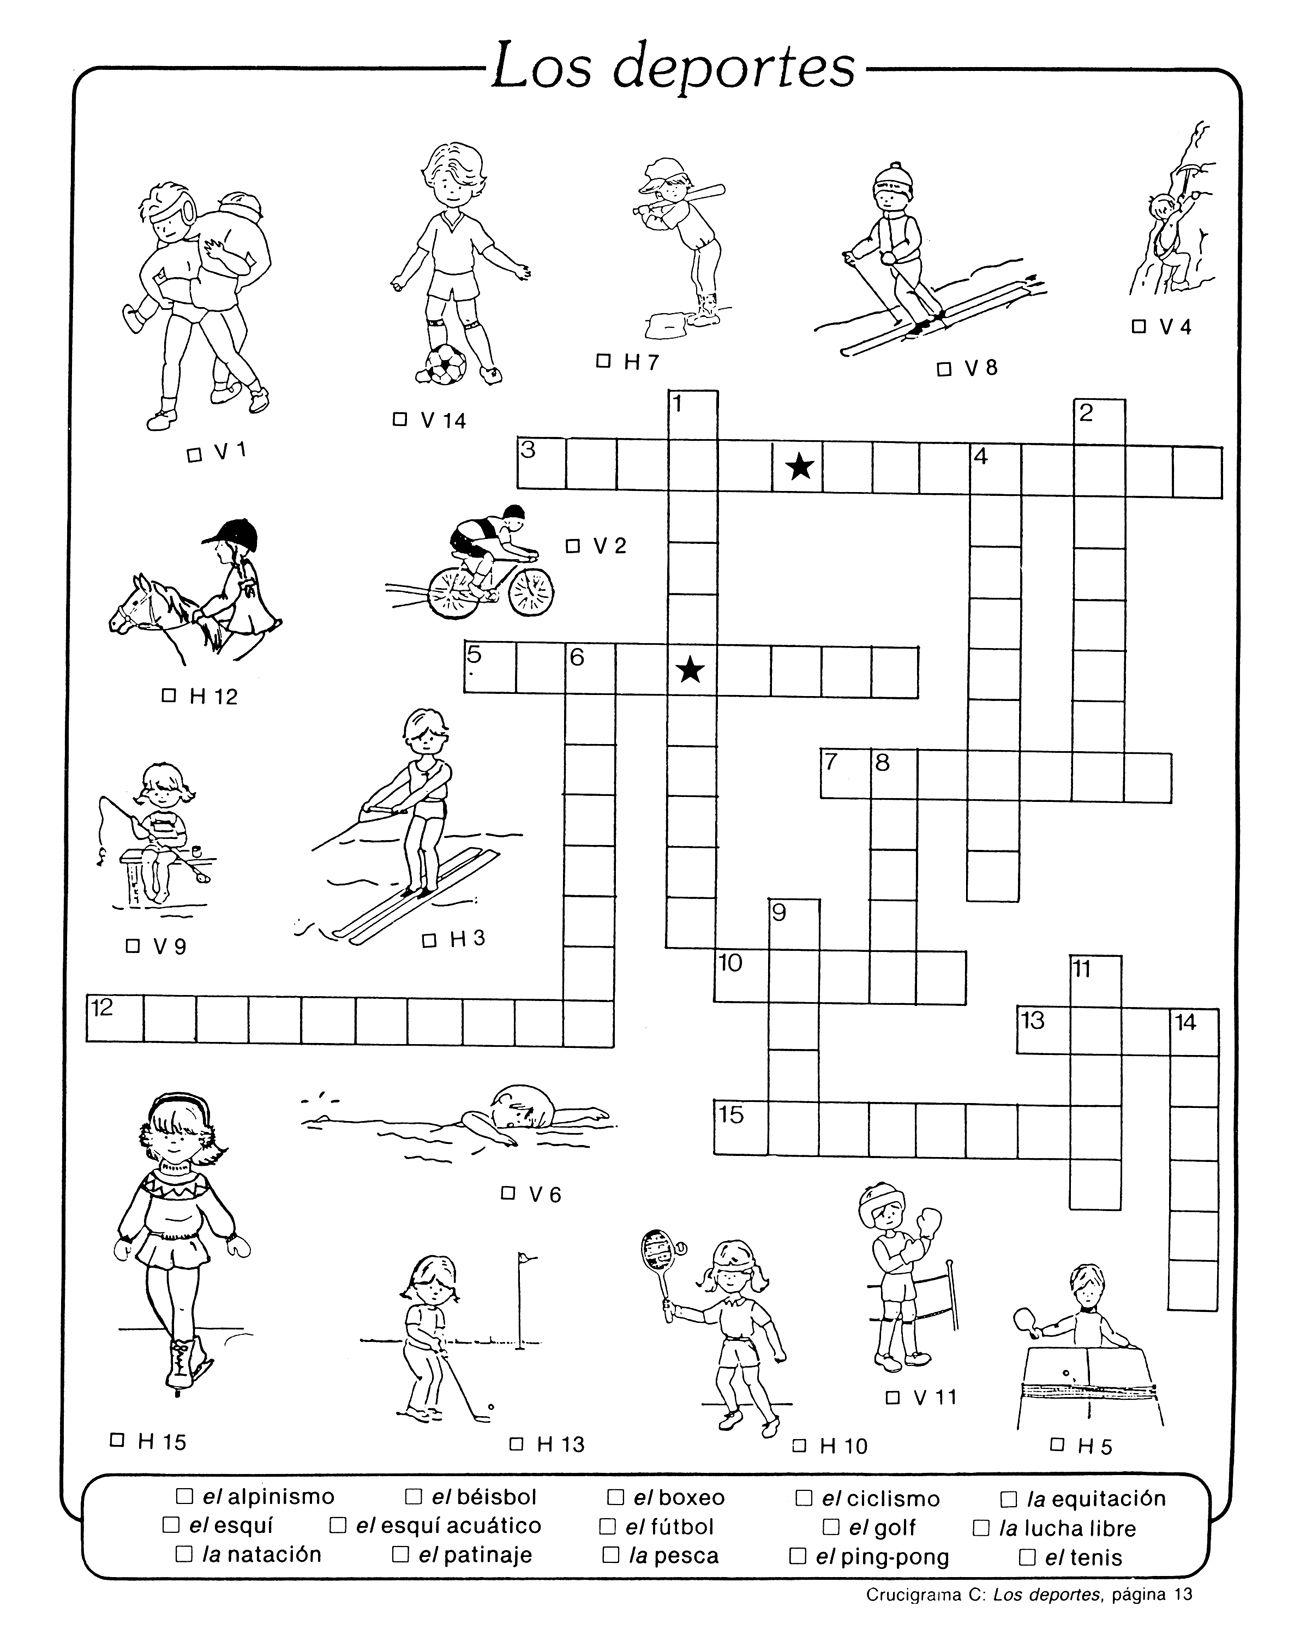 Los Deportes Clases De Educación Física Actividades Educacion Fisica Rompecabezas Imprimibles Para Niños